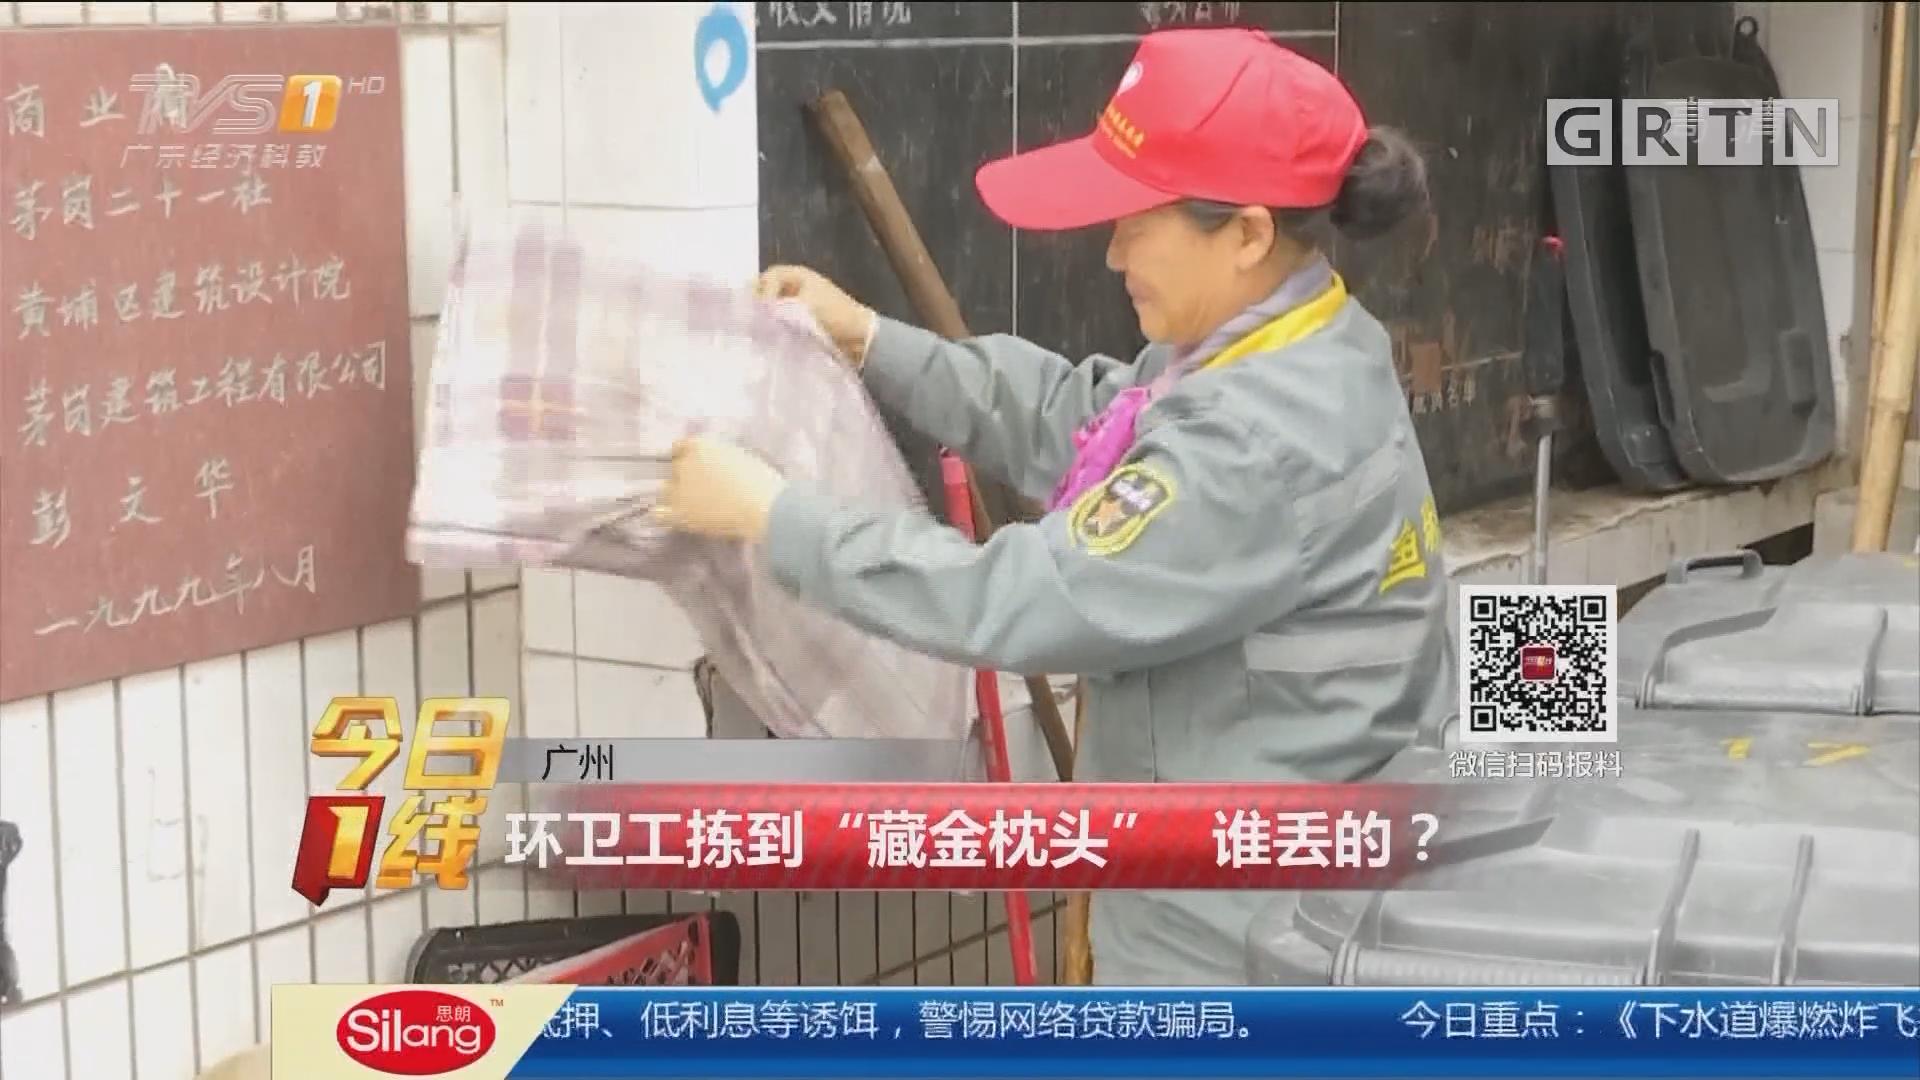 """广州:环卫工拣到""""藏金枕头"""" 谁丢的?"""